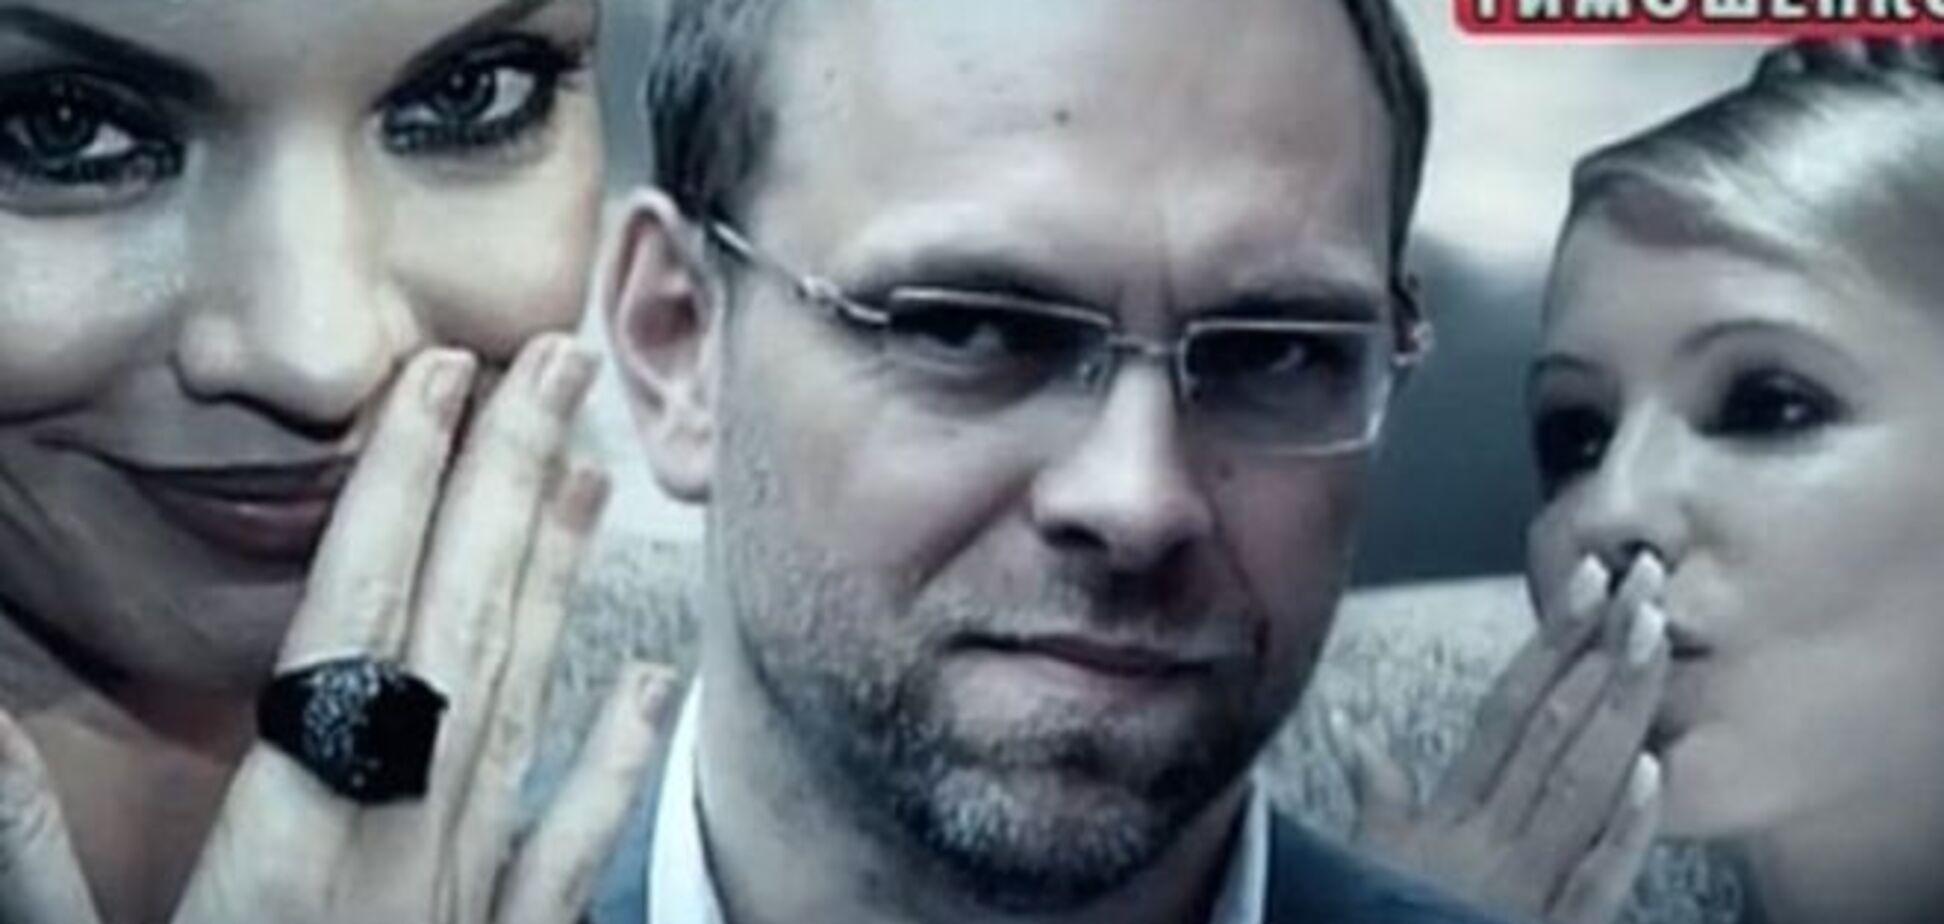 Окунська зробила скандальне зізнання журналістам НТВ про Тимошенко